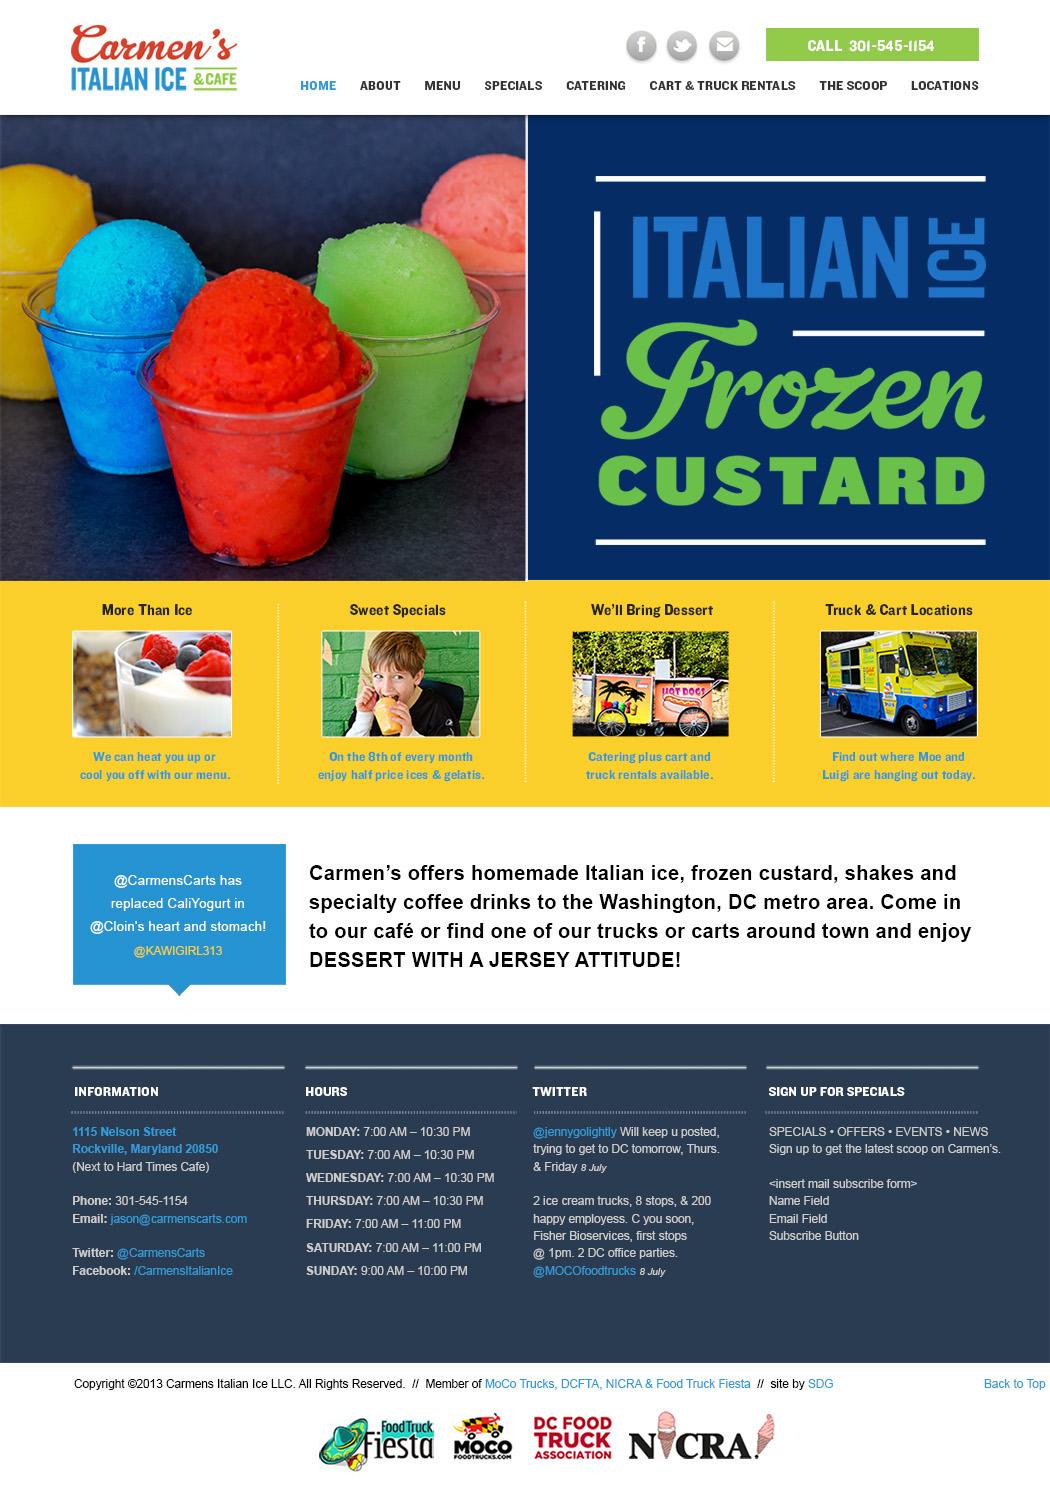 Carmens Italian Ice and Cafe, Website Design, Restaurant Branding, Rockville, MD